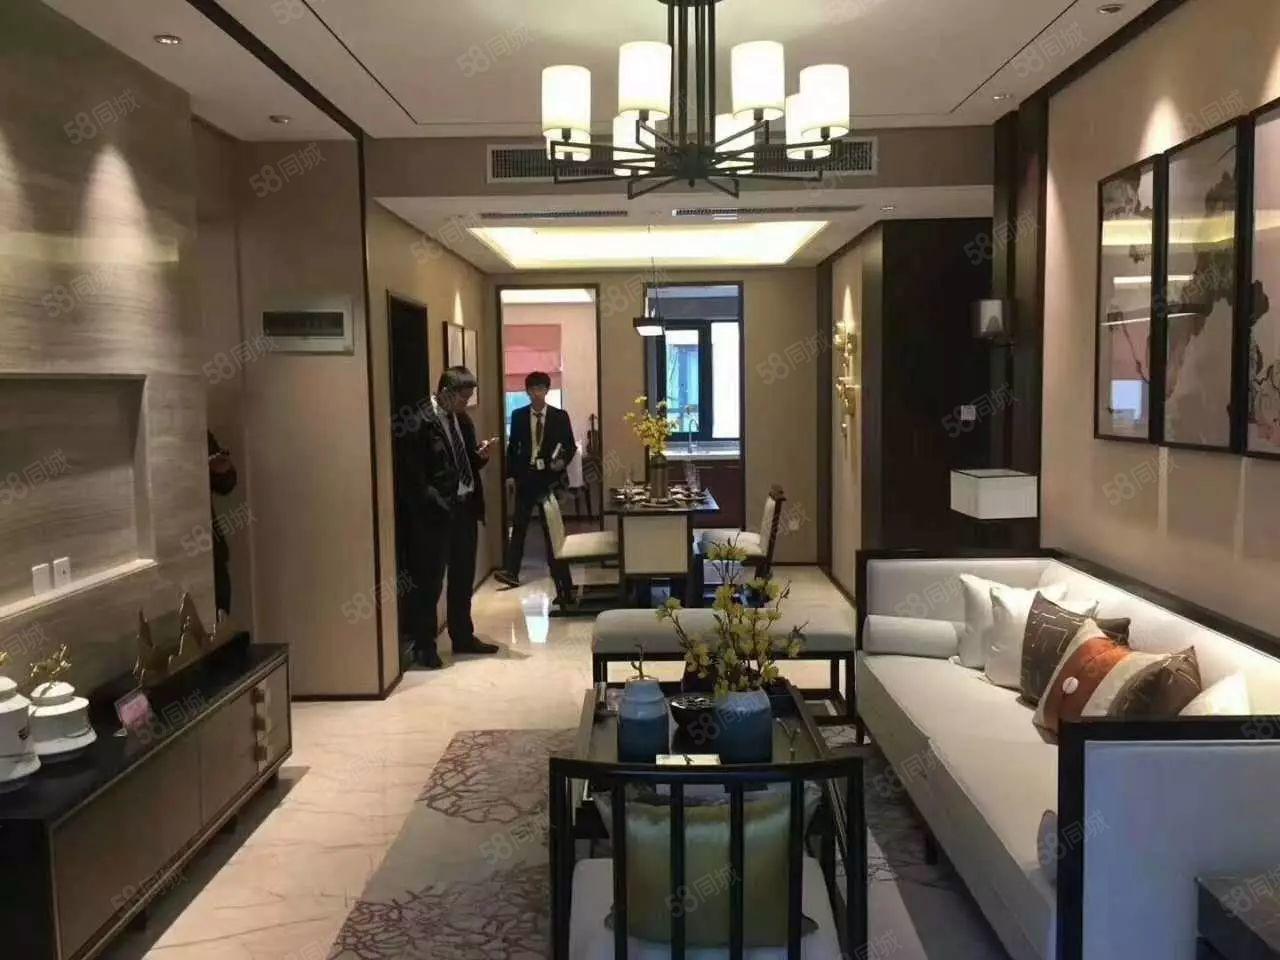 南龙湖均价较低性价比更好的房刚需户型品质大盘首付分期